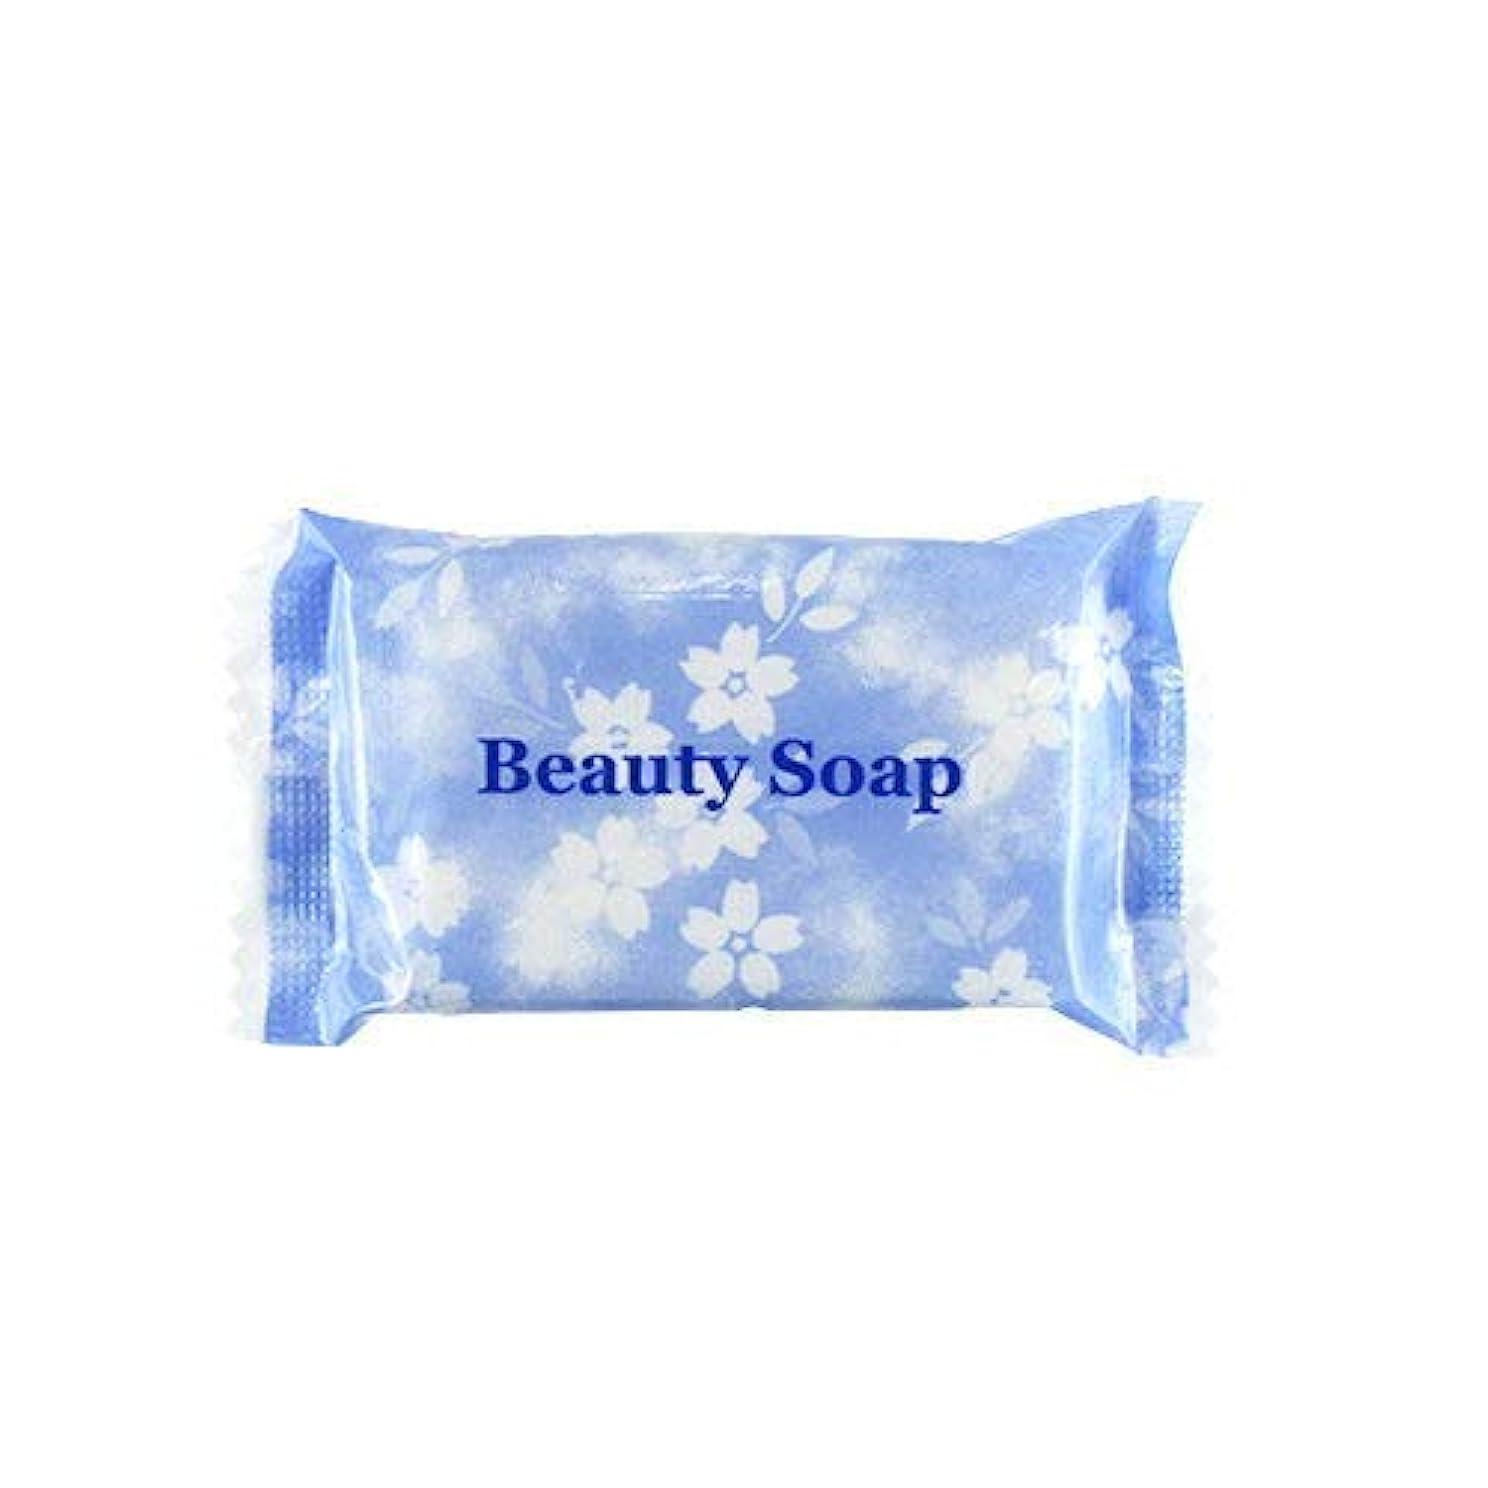 シロナガスクジラ逃げる下線業務用 クロバーコーポレーション ビューティーソープ(Beauty Soap) 15g×300個セット   ホテルアメニティ 個包装